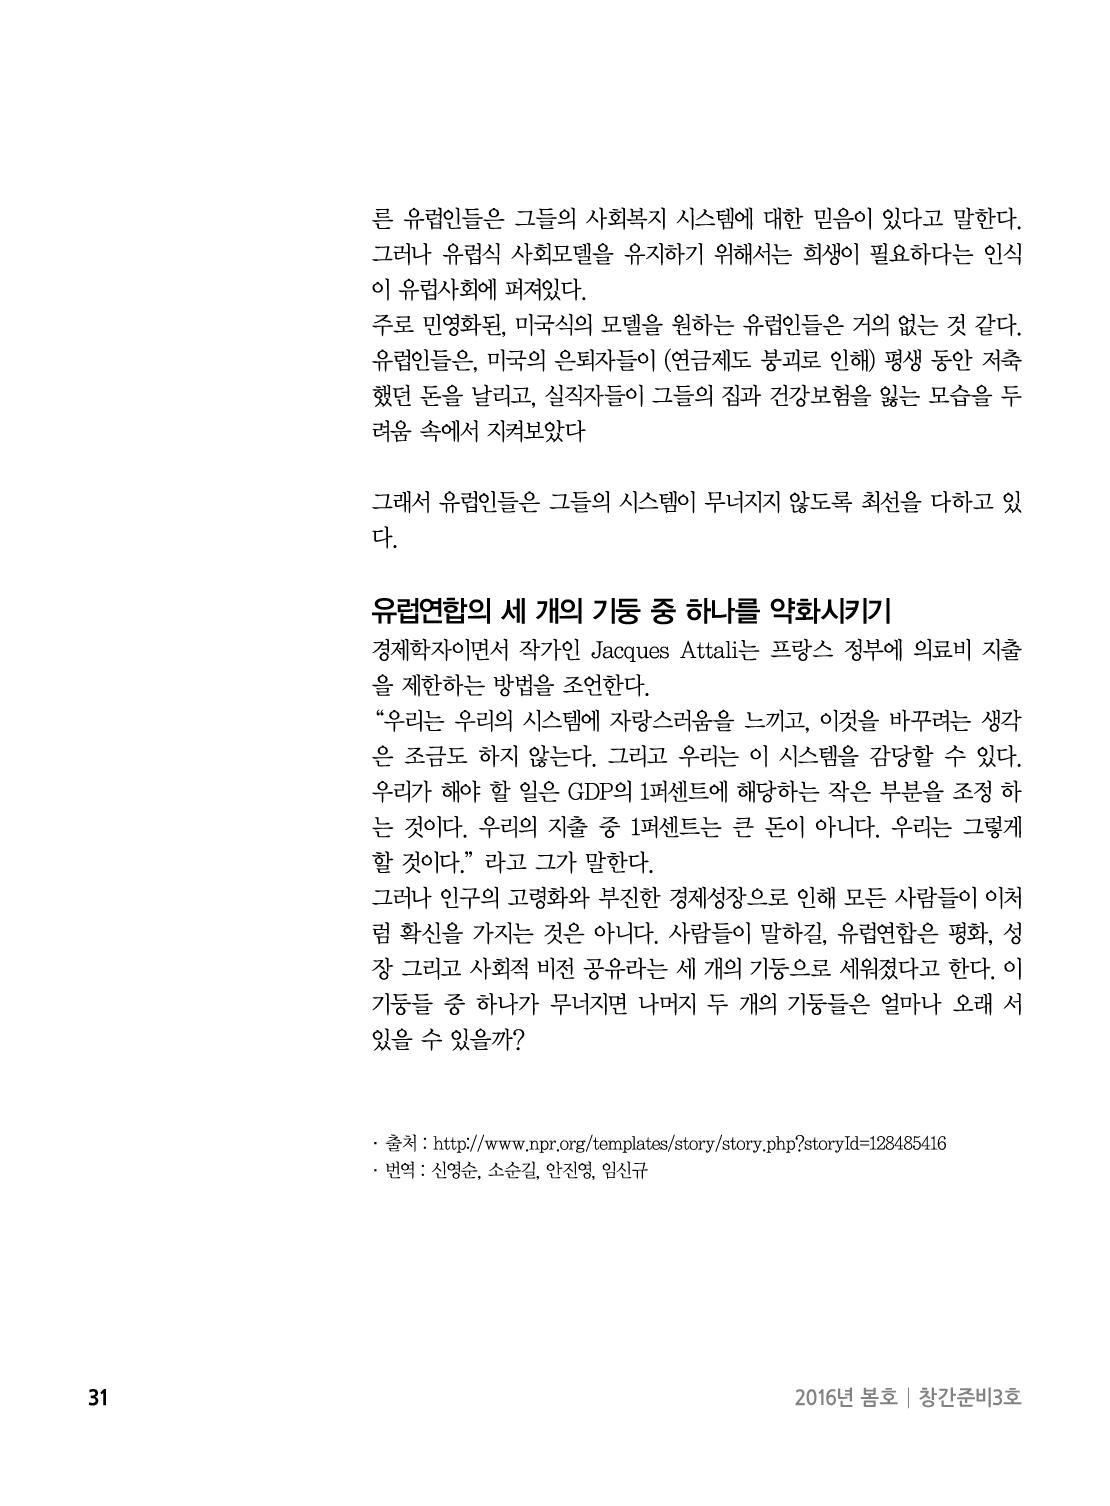 아웃라인 인천평화복지연대 소식지창간준비3호31.jpg